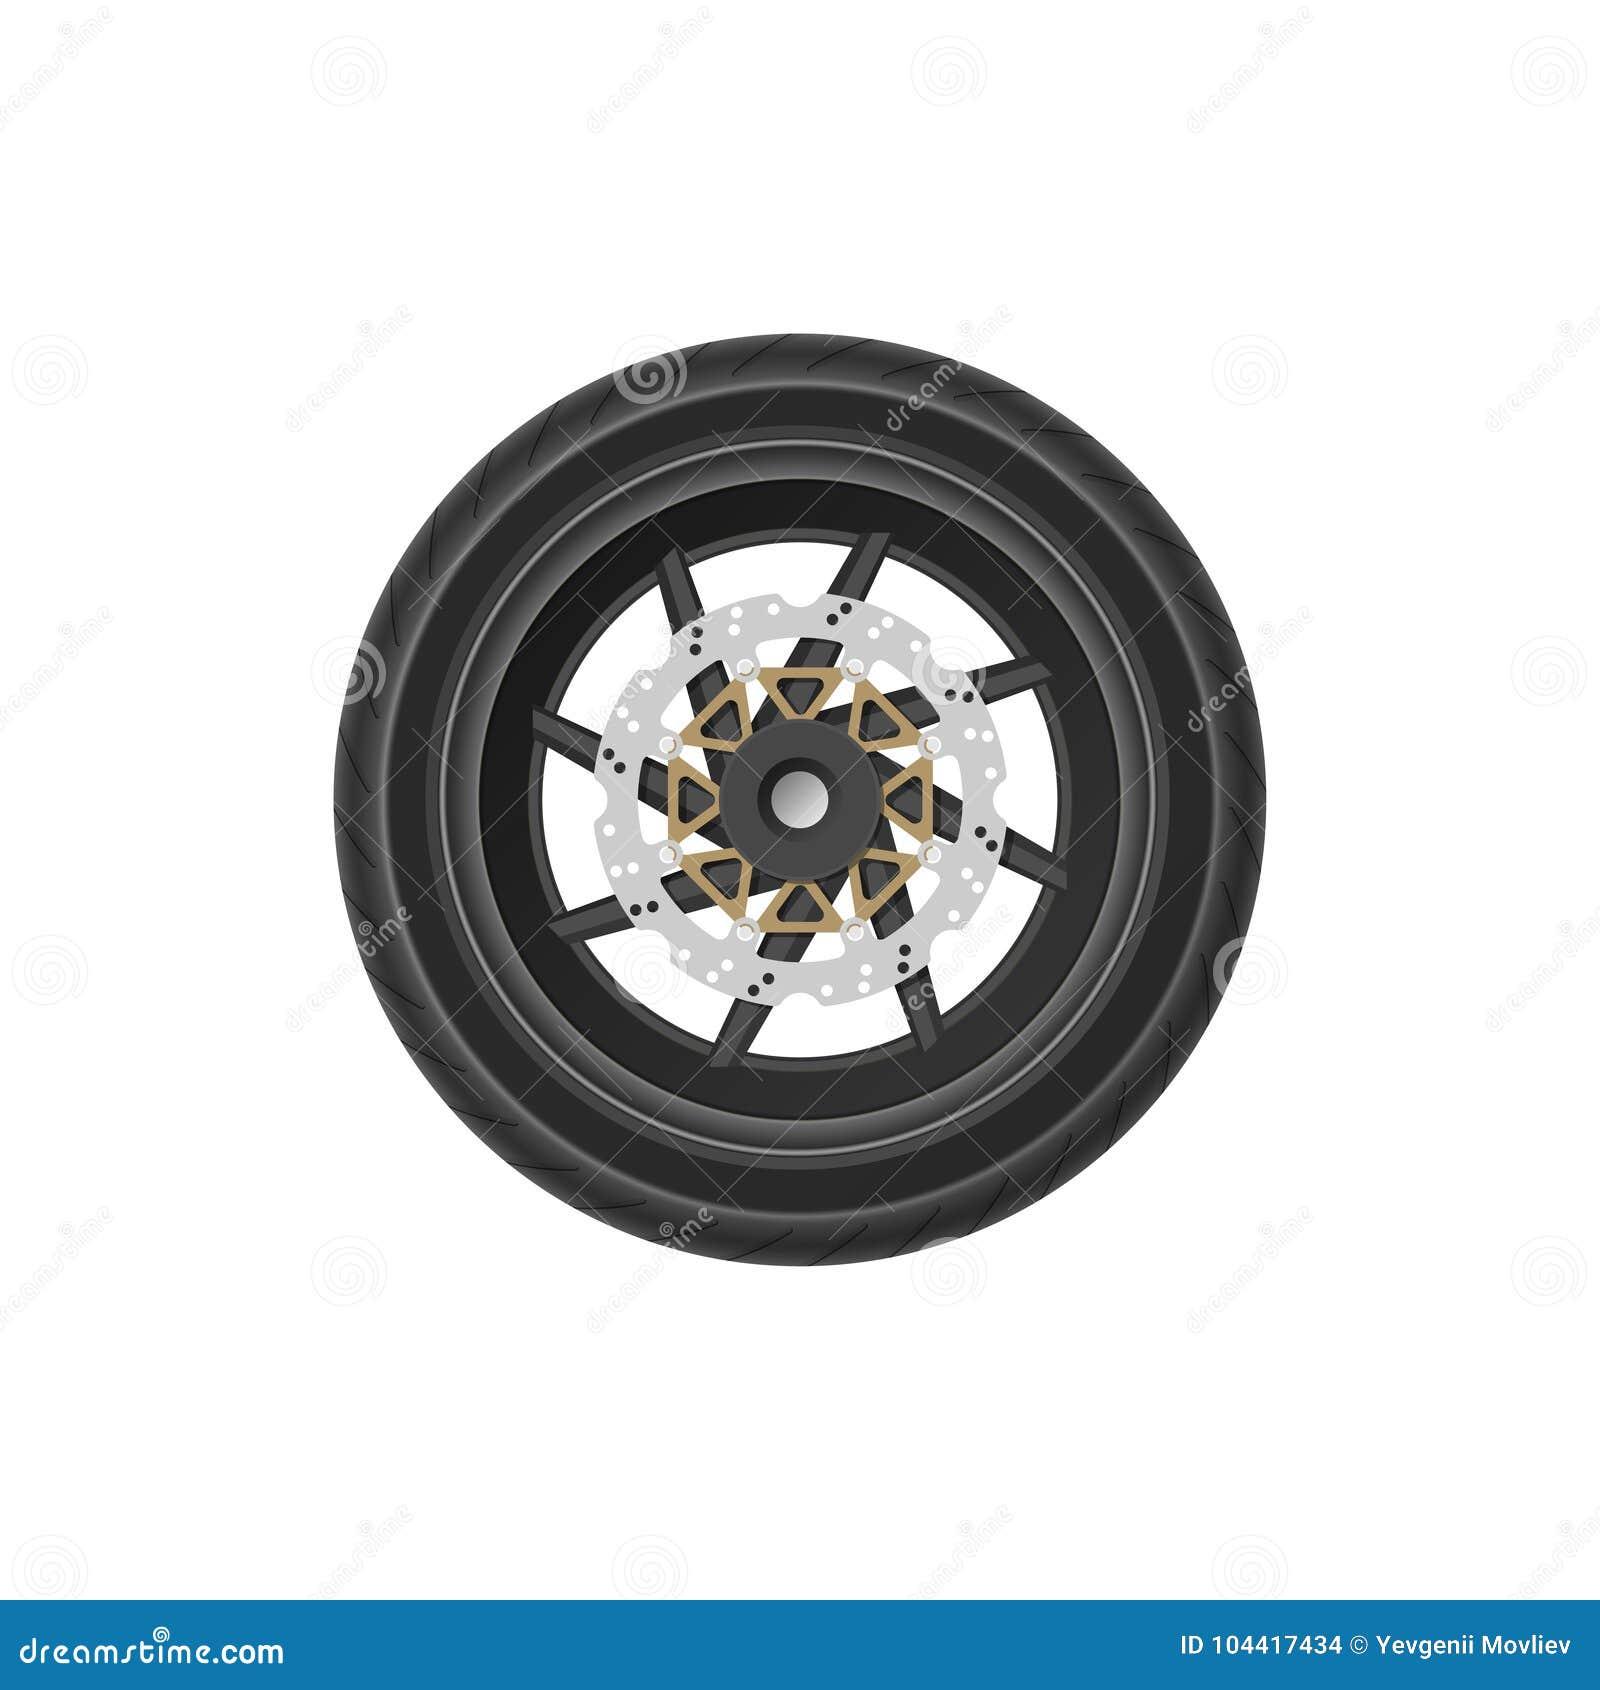 Dibujo detallado de la rueda de la motocicleta Imagen realista del detalle de la bici Parte del mecanismo del vehículo